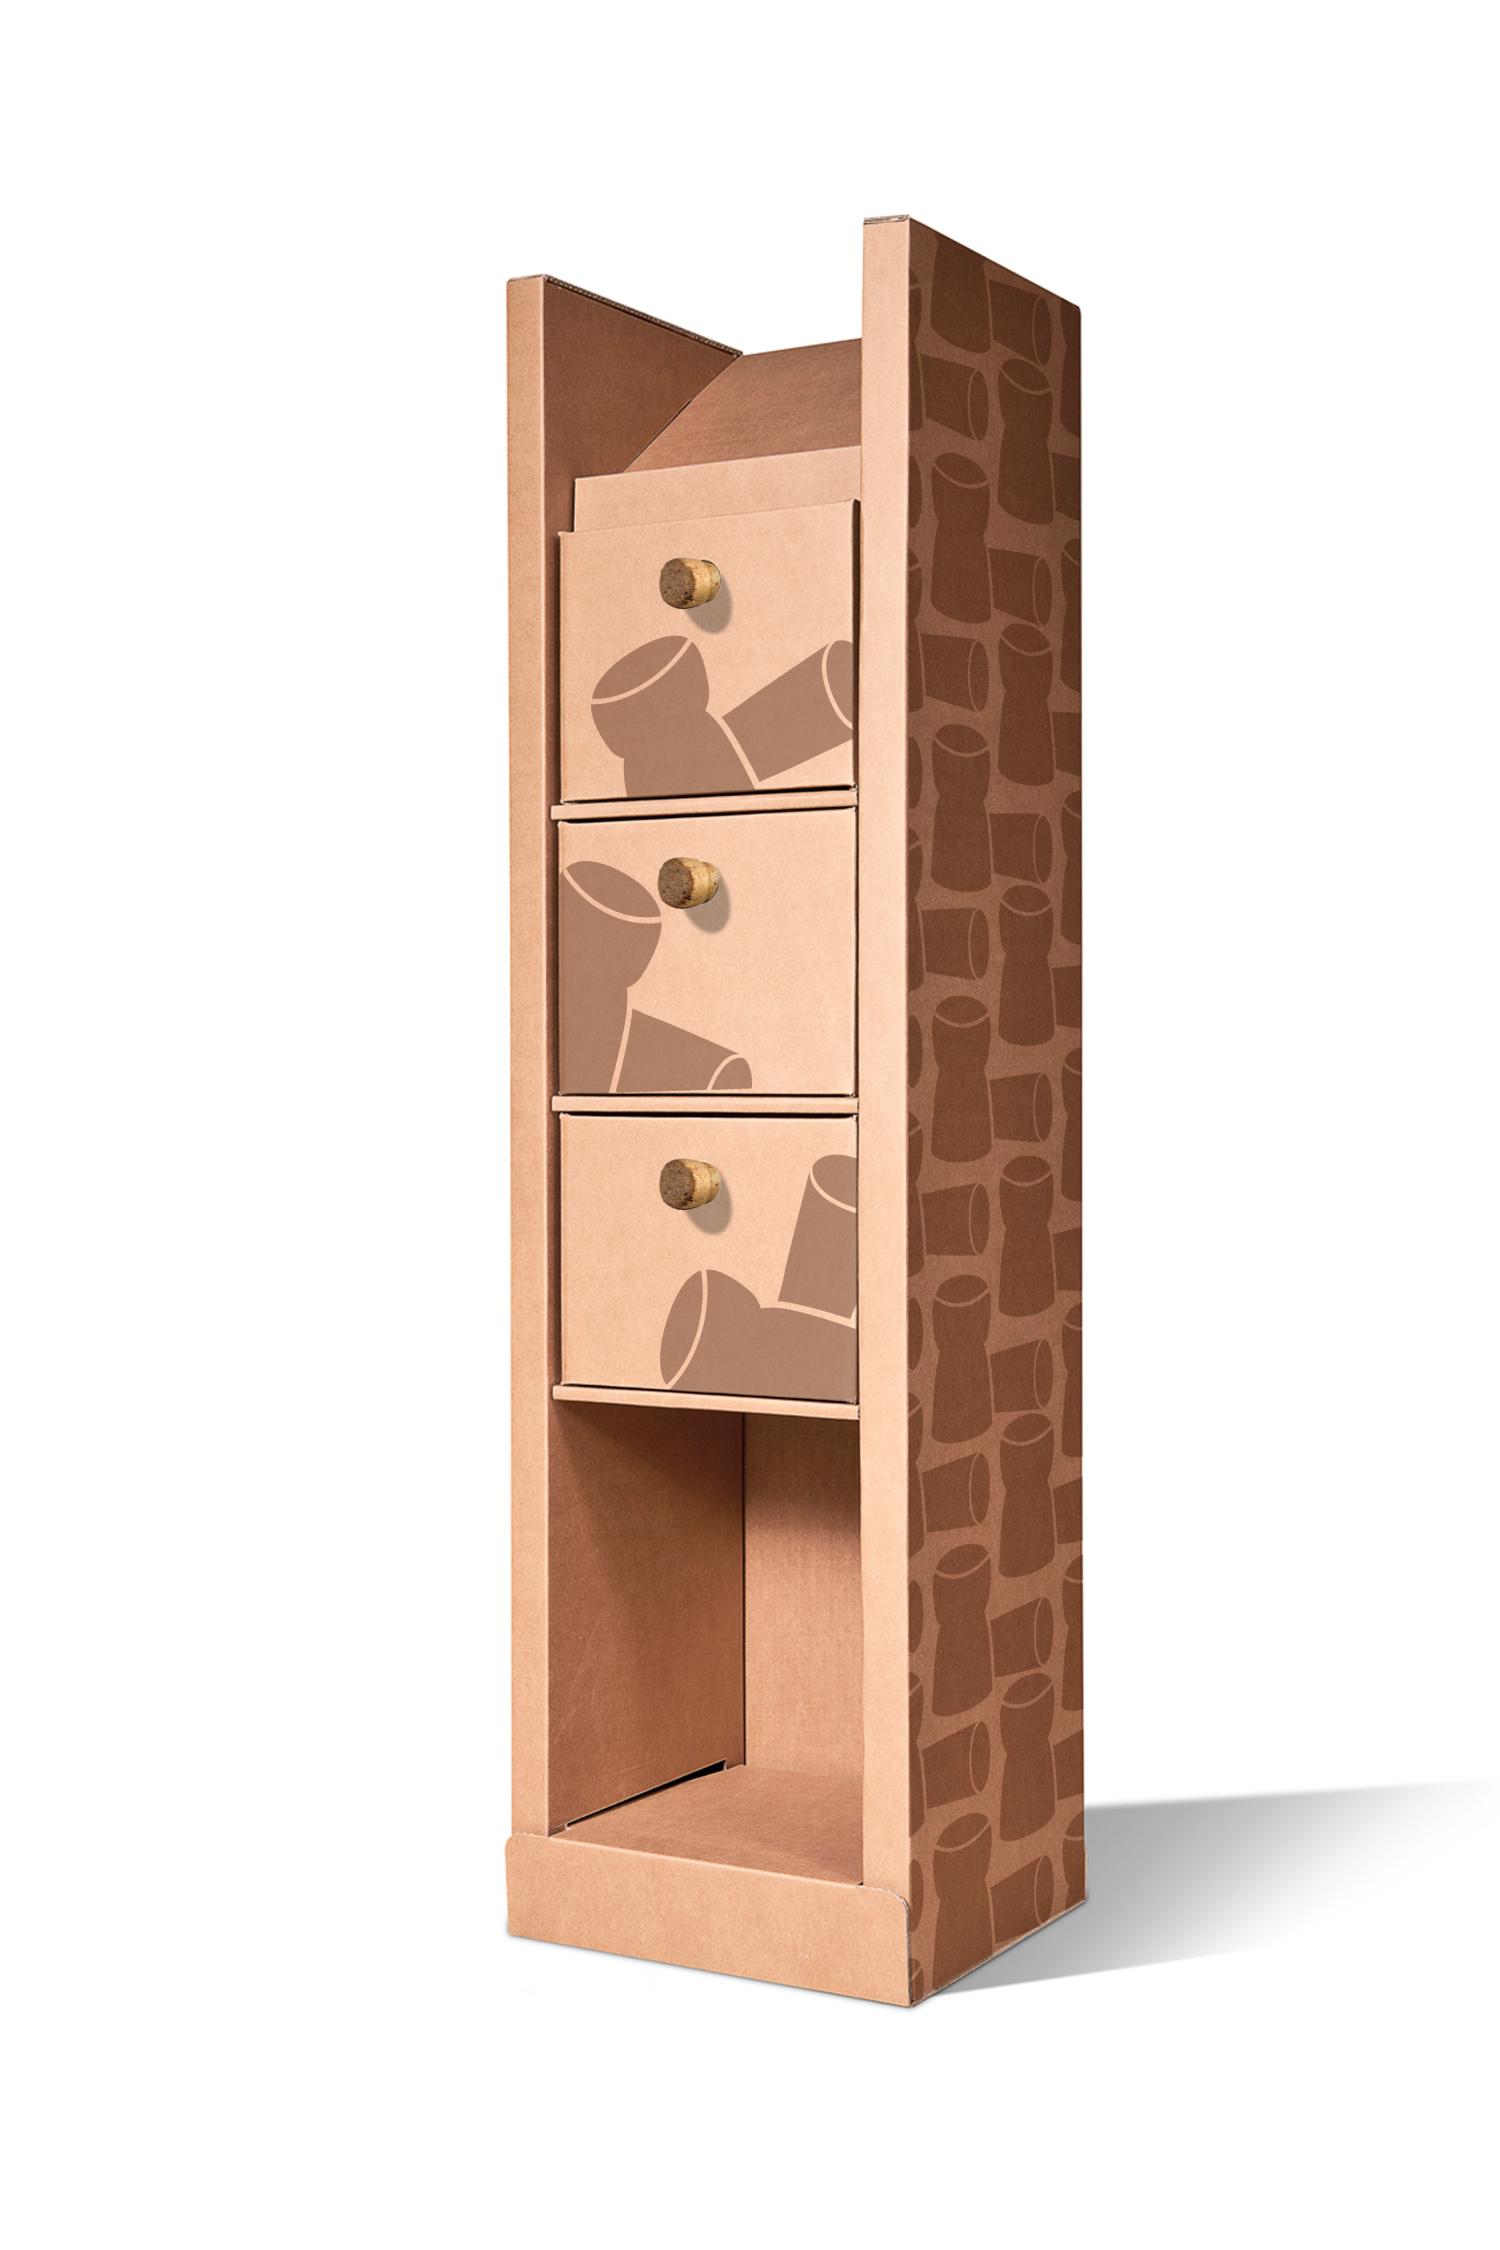 The Nor Box   Progettazione Espositori e Creatività Grafica